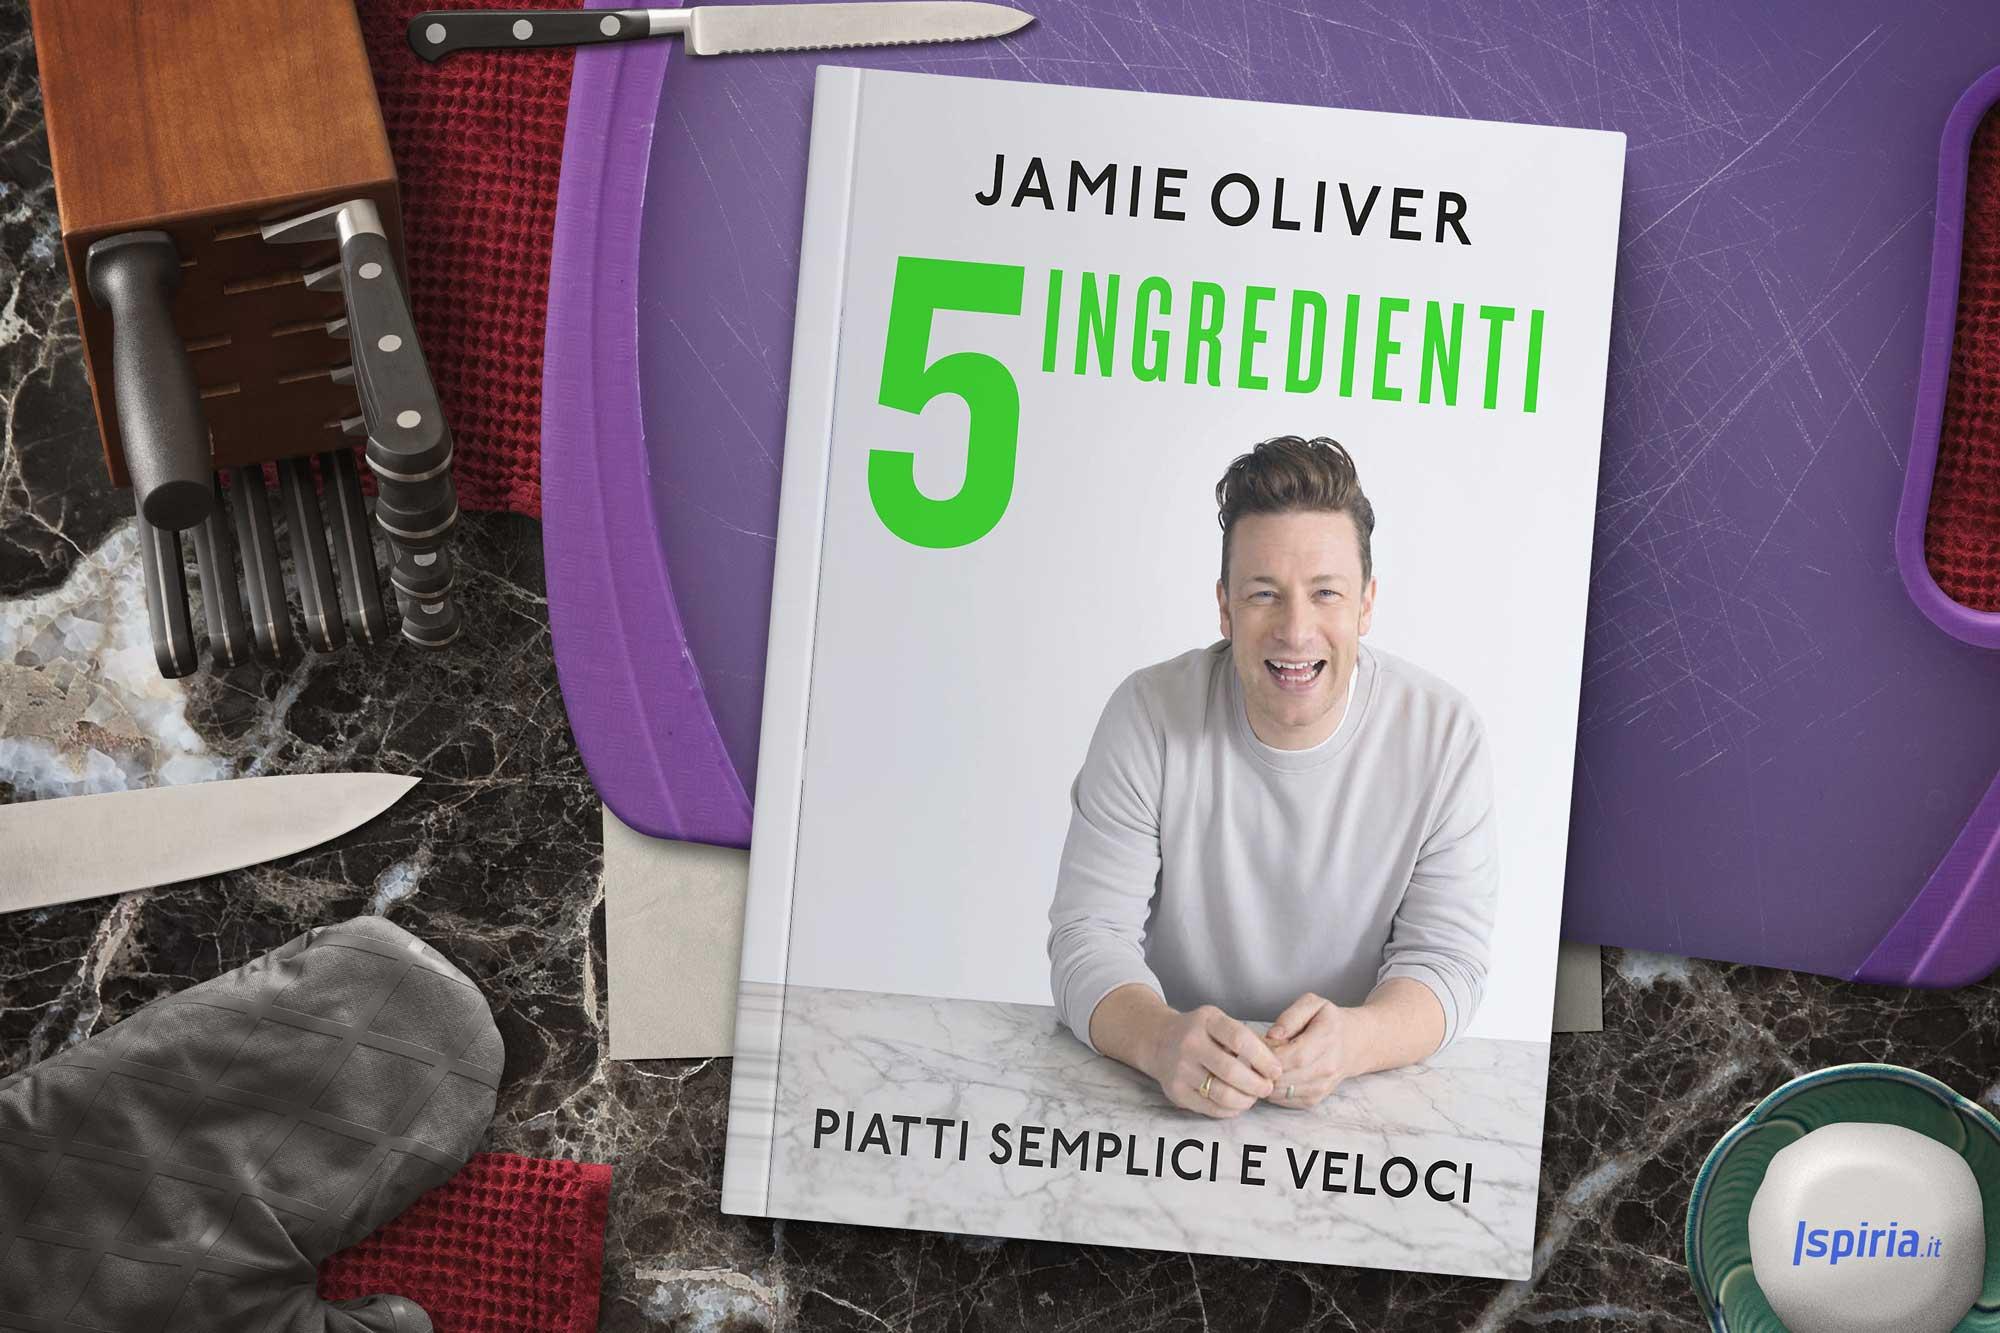 Migliore libro per imparare a cucinare bene - Libri di cucina professionali gratis ...